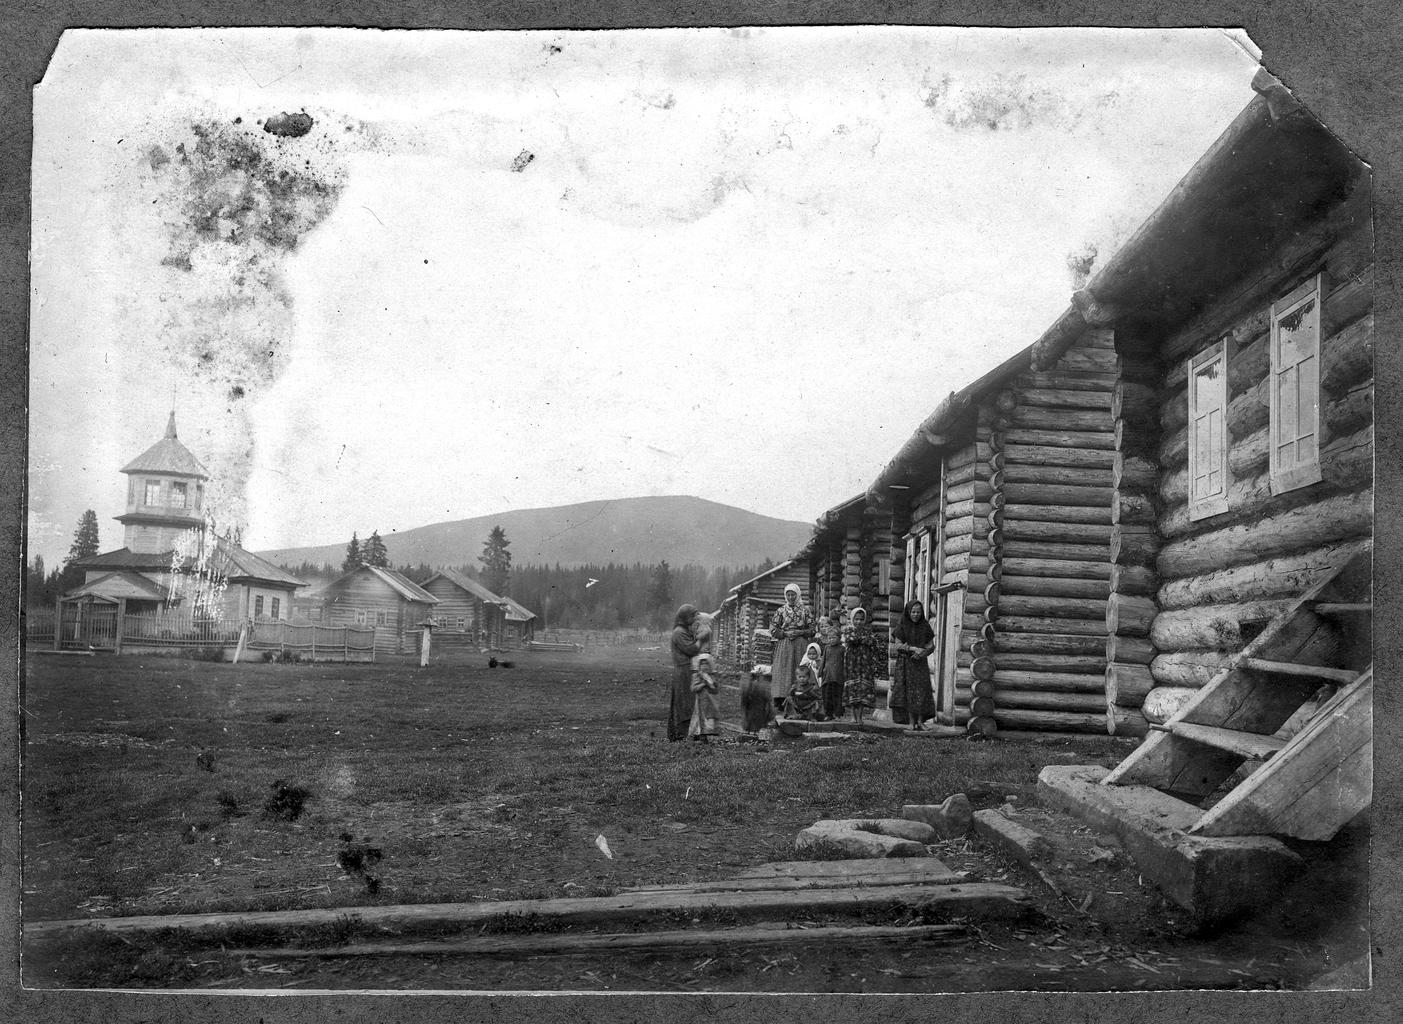 Село Верх-Косьвинское на западном склоне Уральских гор